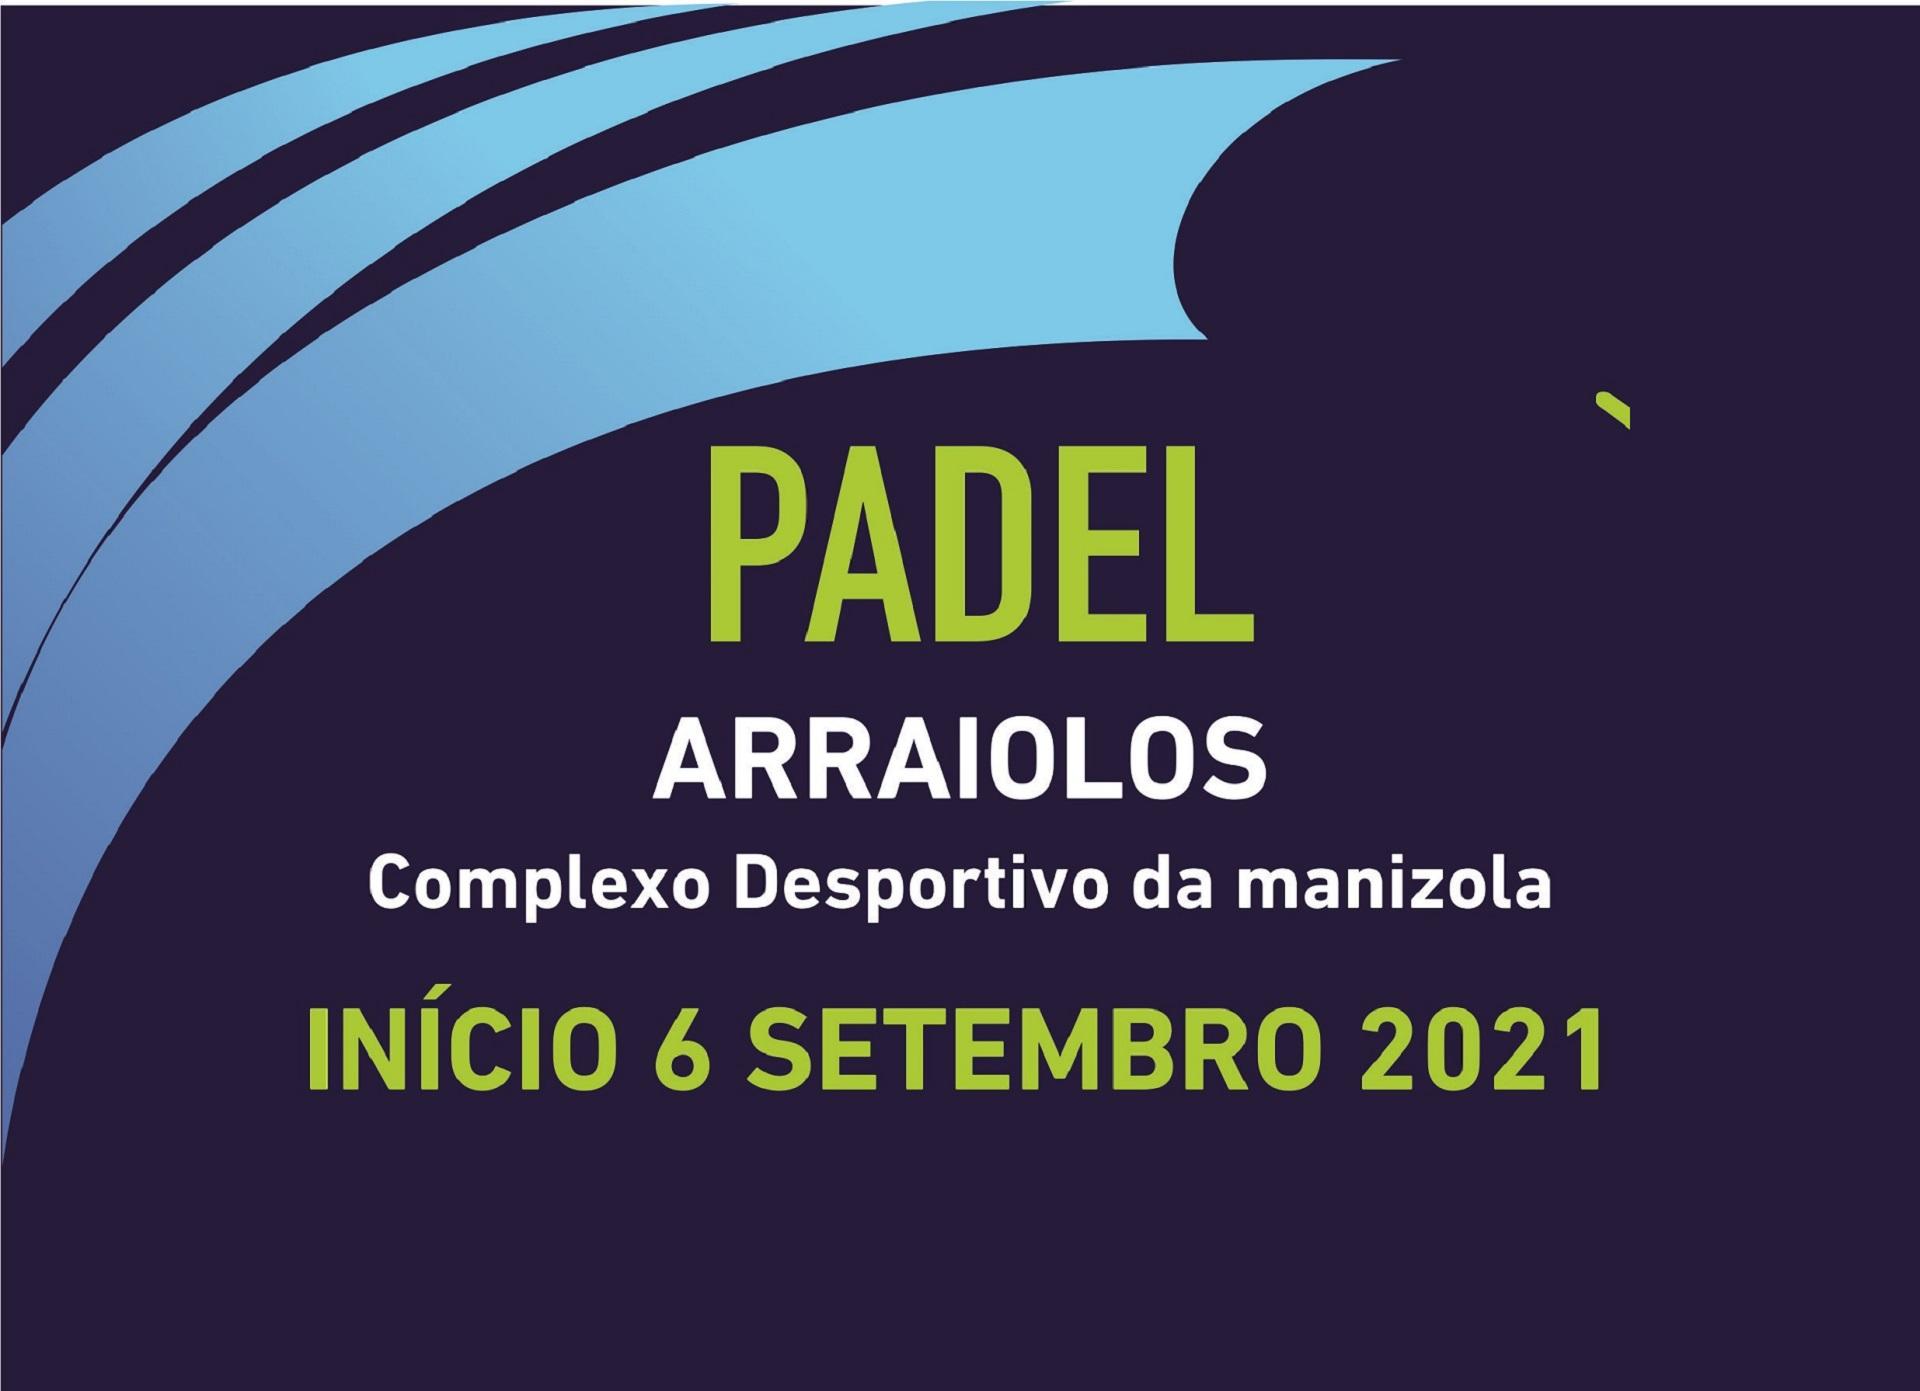 2º Torneio Convívio de Padel em Arraiolos